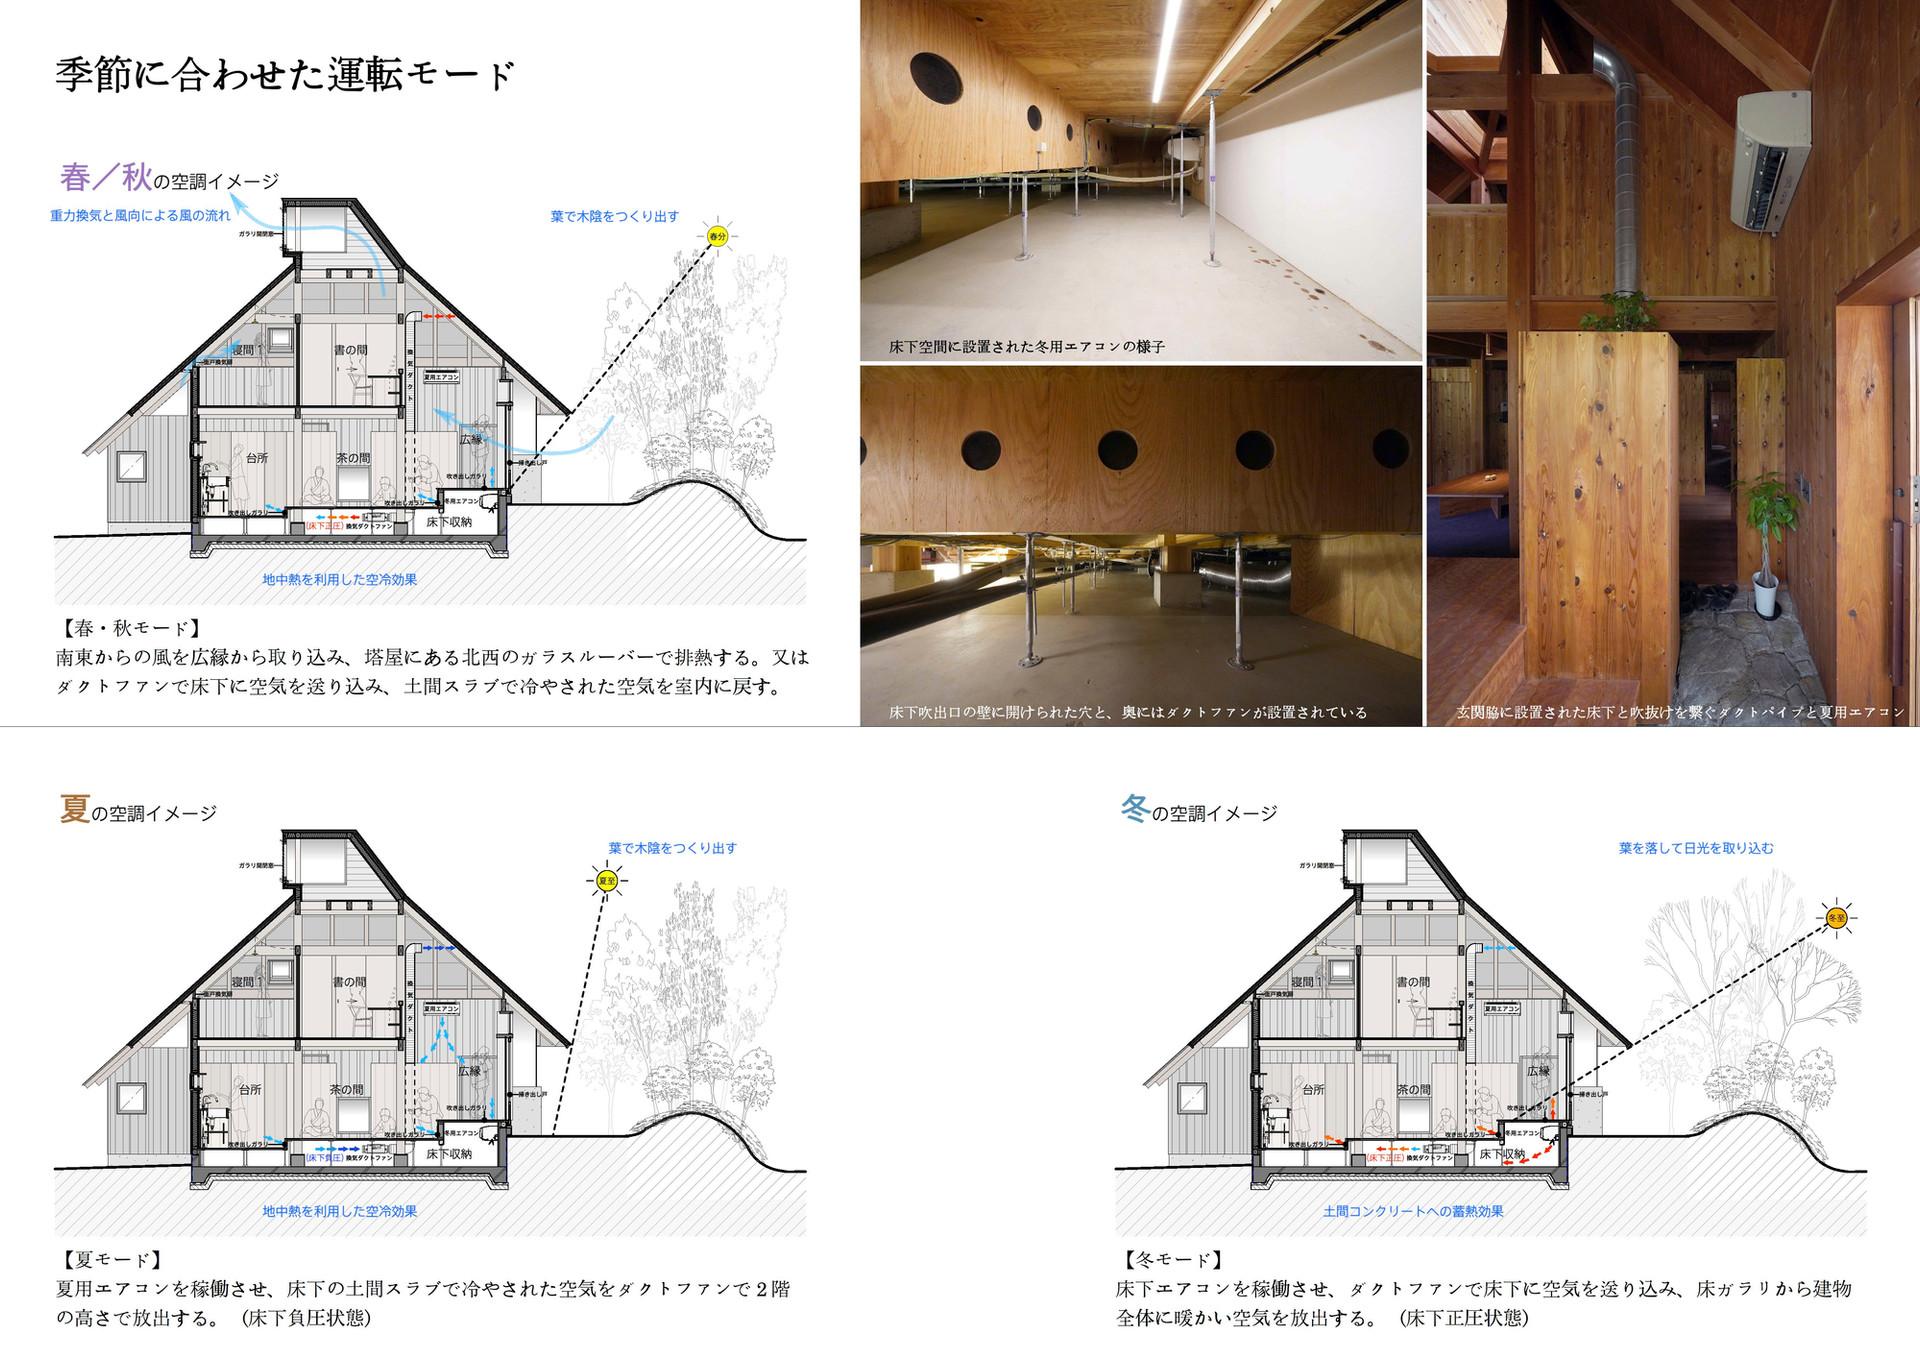 薬師田の住居20/岩間建築設計事務所.jpg